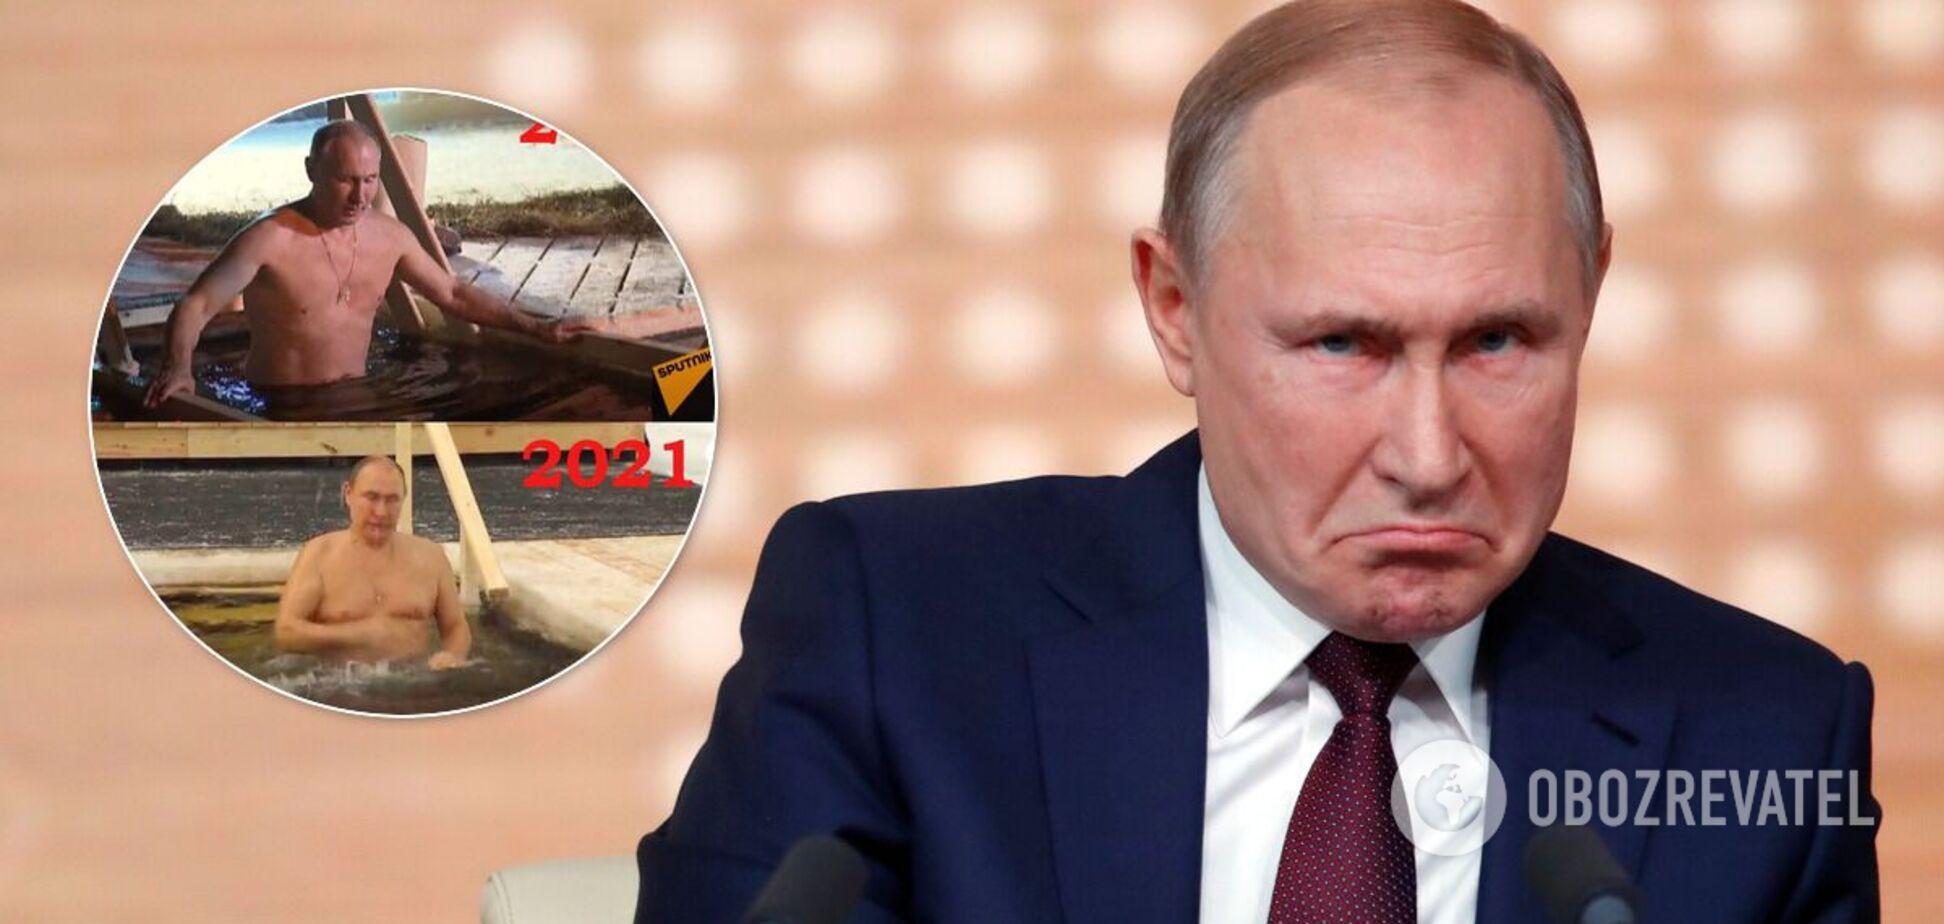 Путина сравнили в 2019 и 2021 годах